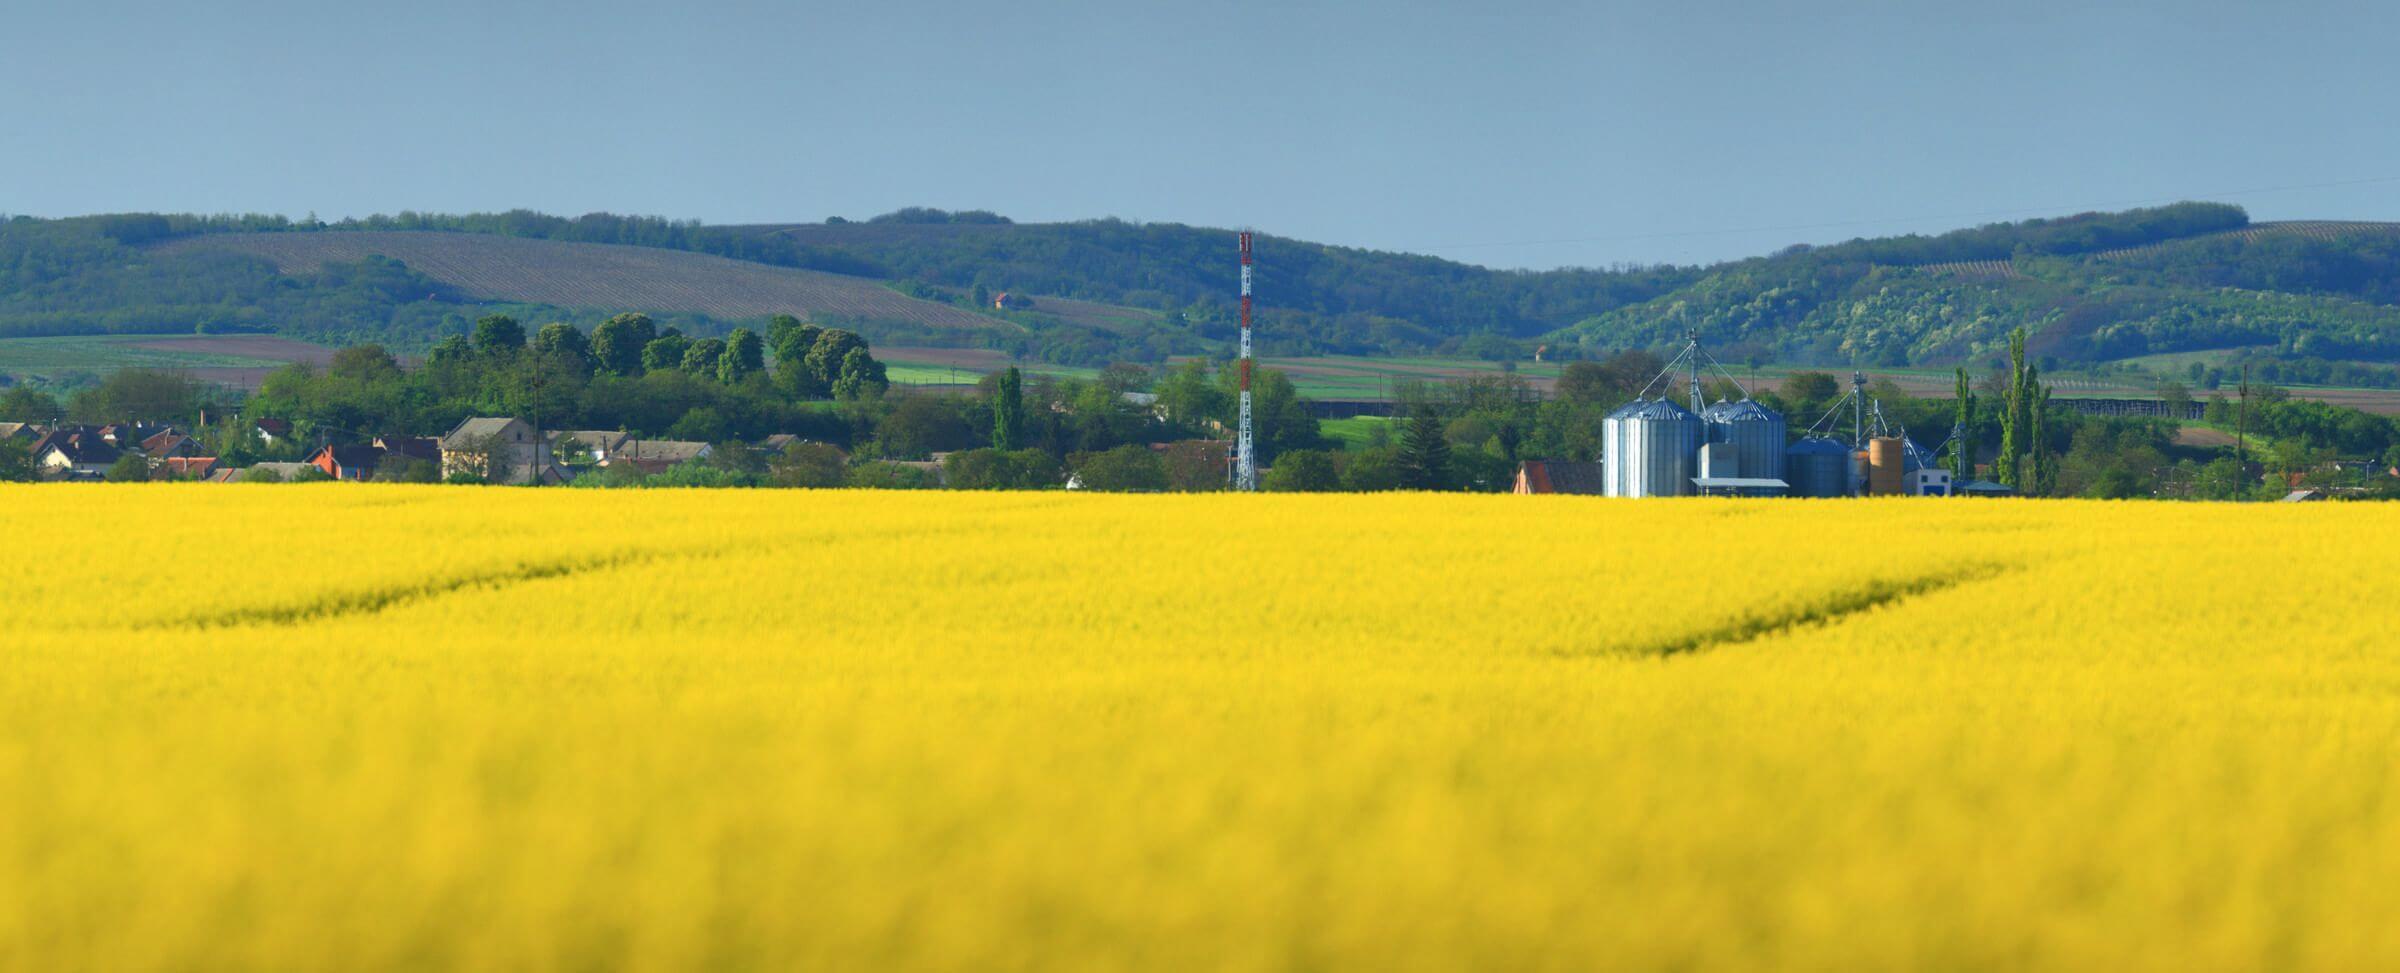 Naše poslovanje podrazumijeva kvalitetnu obradu zemljišta, postizanje visokih prinosa te poboljšanje kvalitete tla i kvalitete poljoprivrednih proizvoda. Osnovne ratarske kulture kojima se društvo bavi su žitarice i uljarice koje obuhvaćaju ječam, pšenicu, kukuruz, suncokret, soju i uljanu repicu.